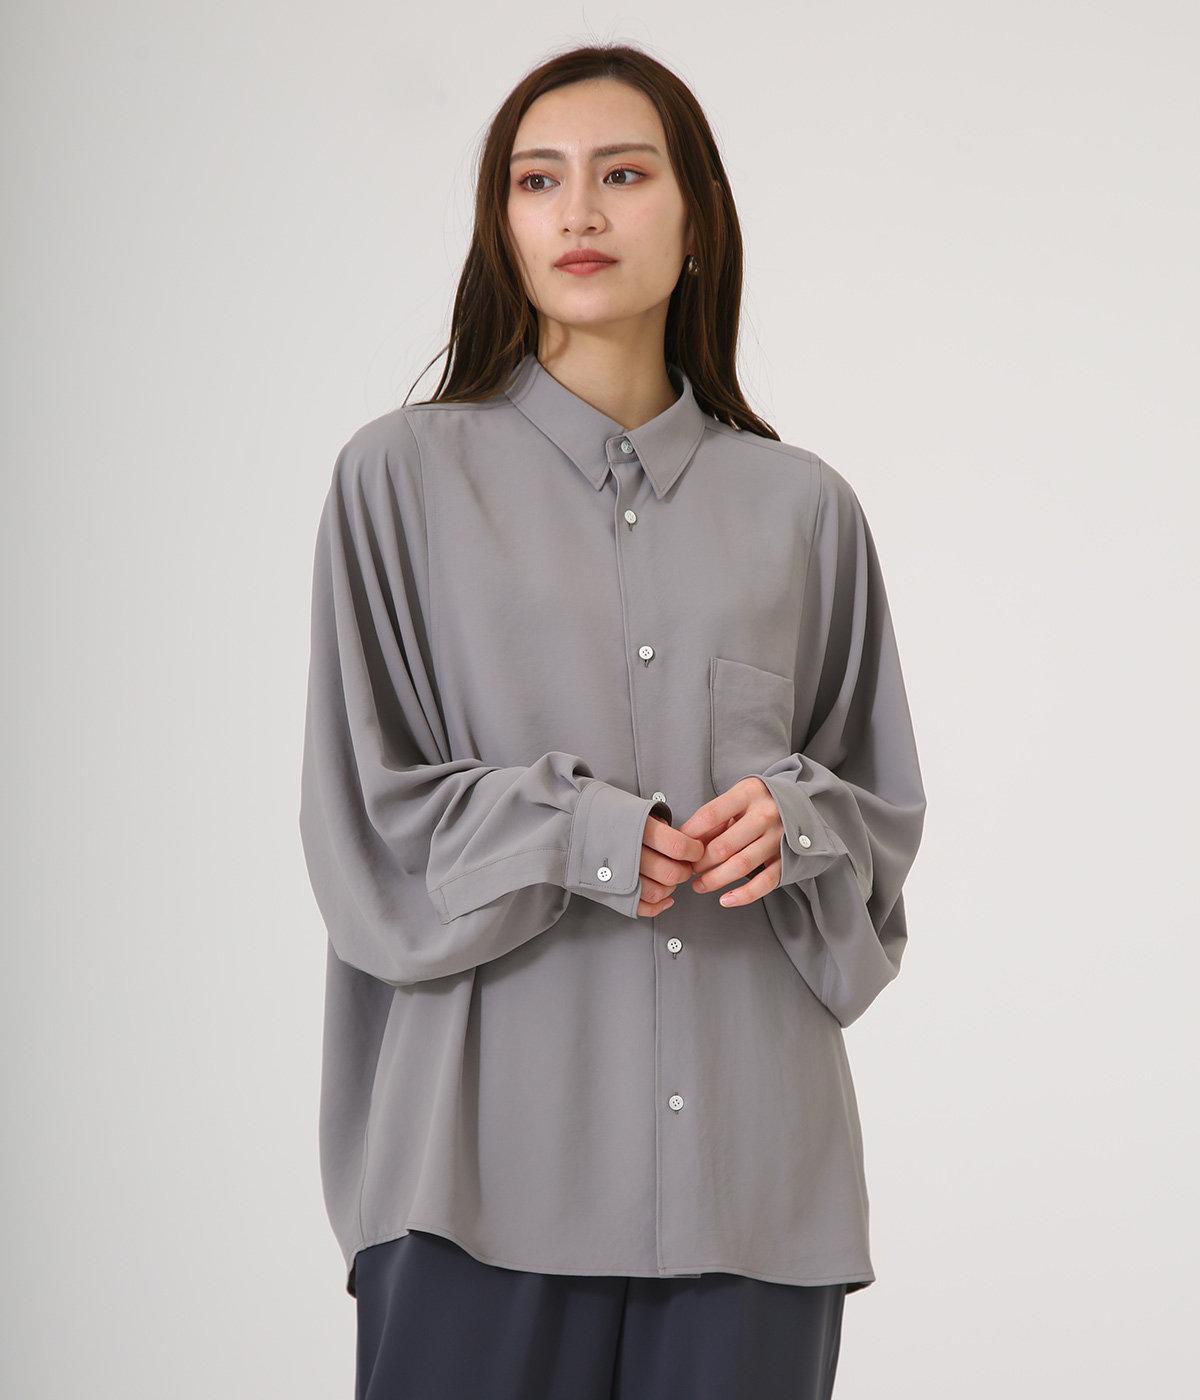 【レディース】Matte Satin Regular Collar Big Sleeve Shirt